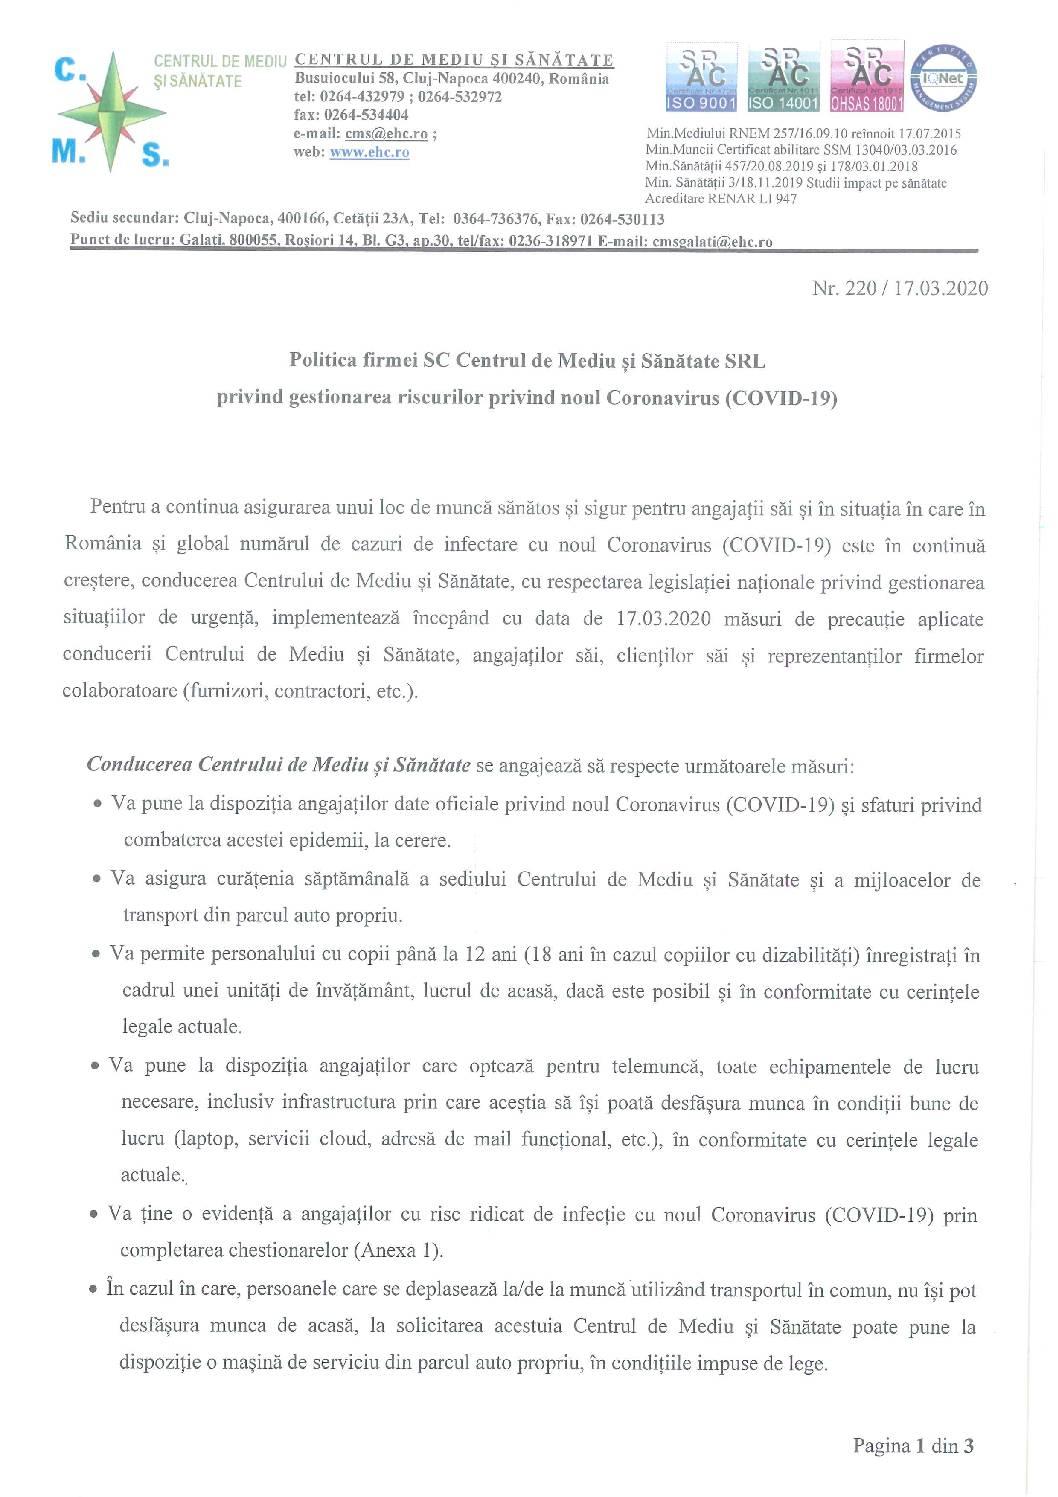 Politica Firmei SC Centrul de Mediu si Sanatate SRL privind gestionarea riscurilor privind noul Coronavirus (COVID-19)